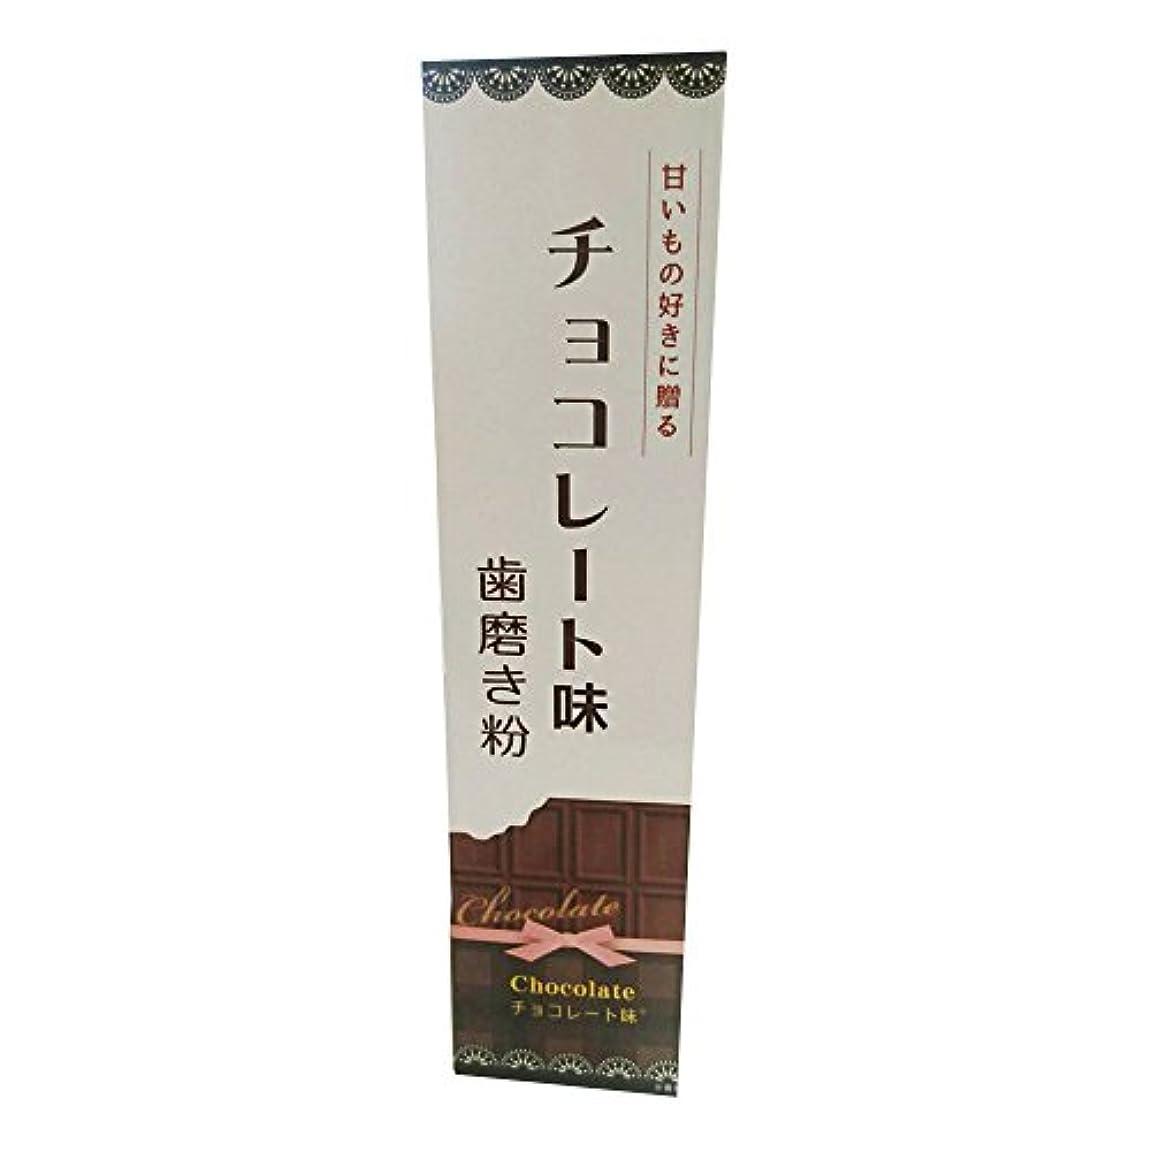 つかの間部分あえぎフレーバー歯磨き粉チョコレート味 70g